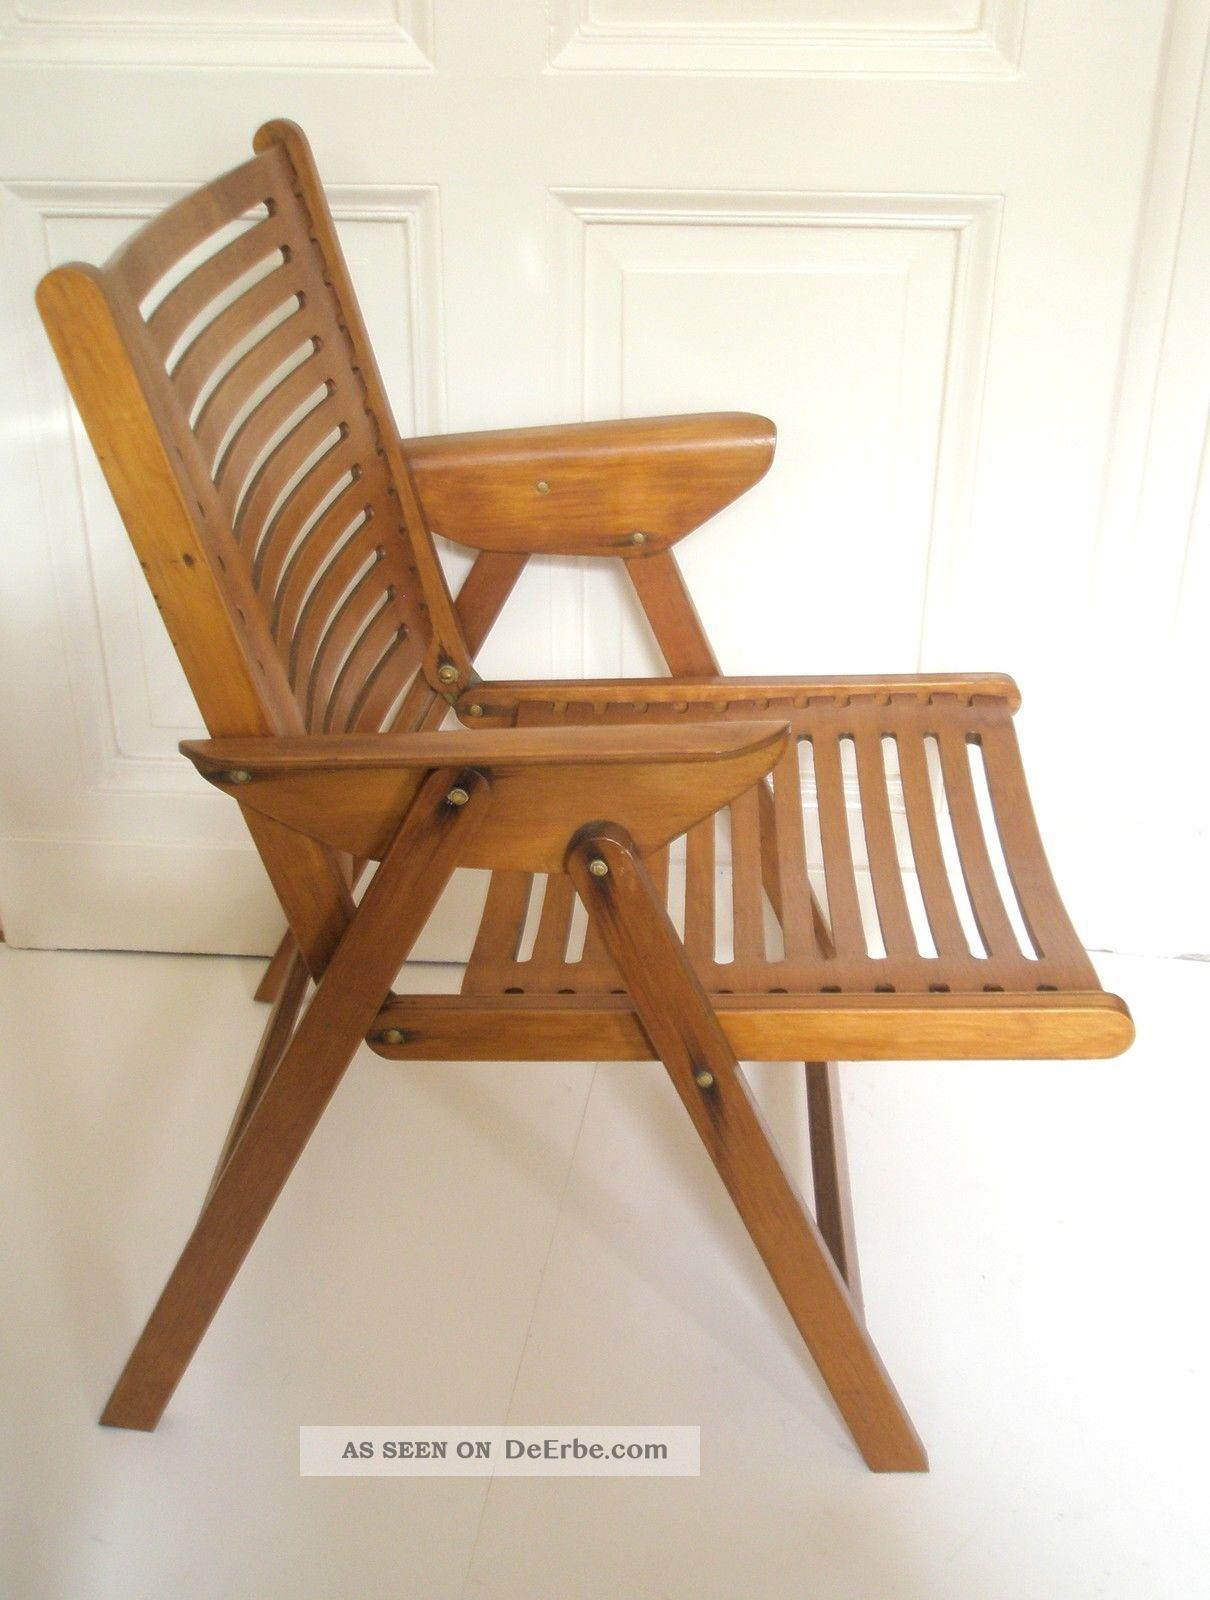 Rex kralj stuhl klappstuhl buche schichtverleimt design for Stuhl design epochen